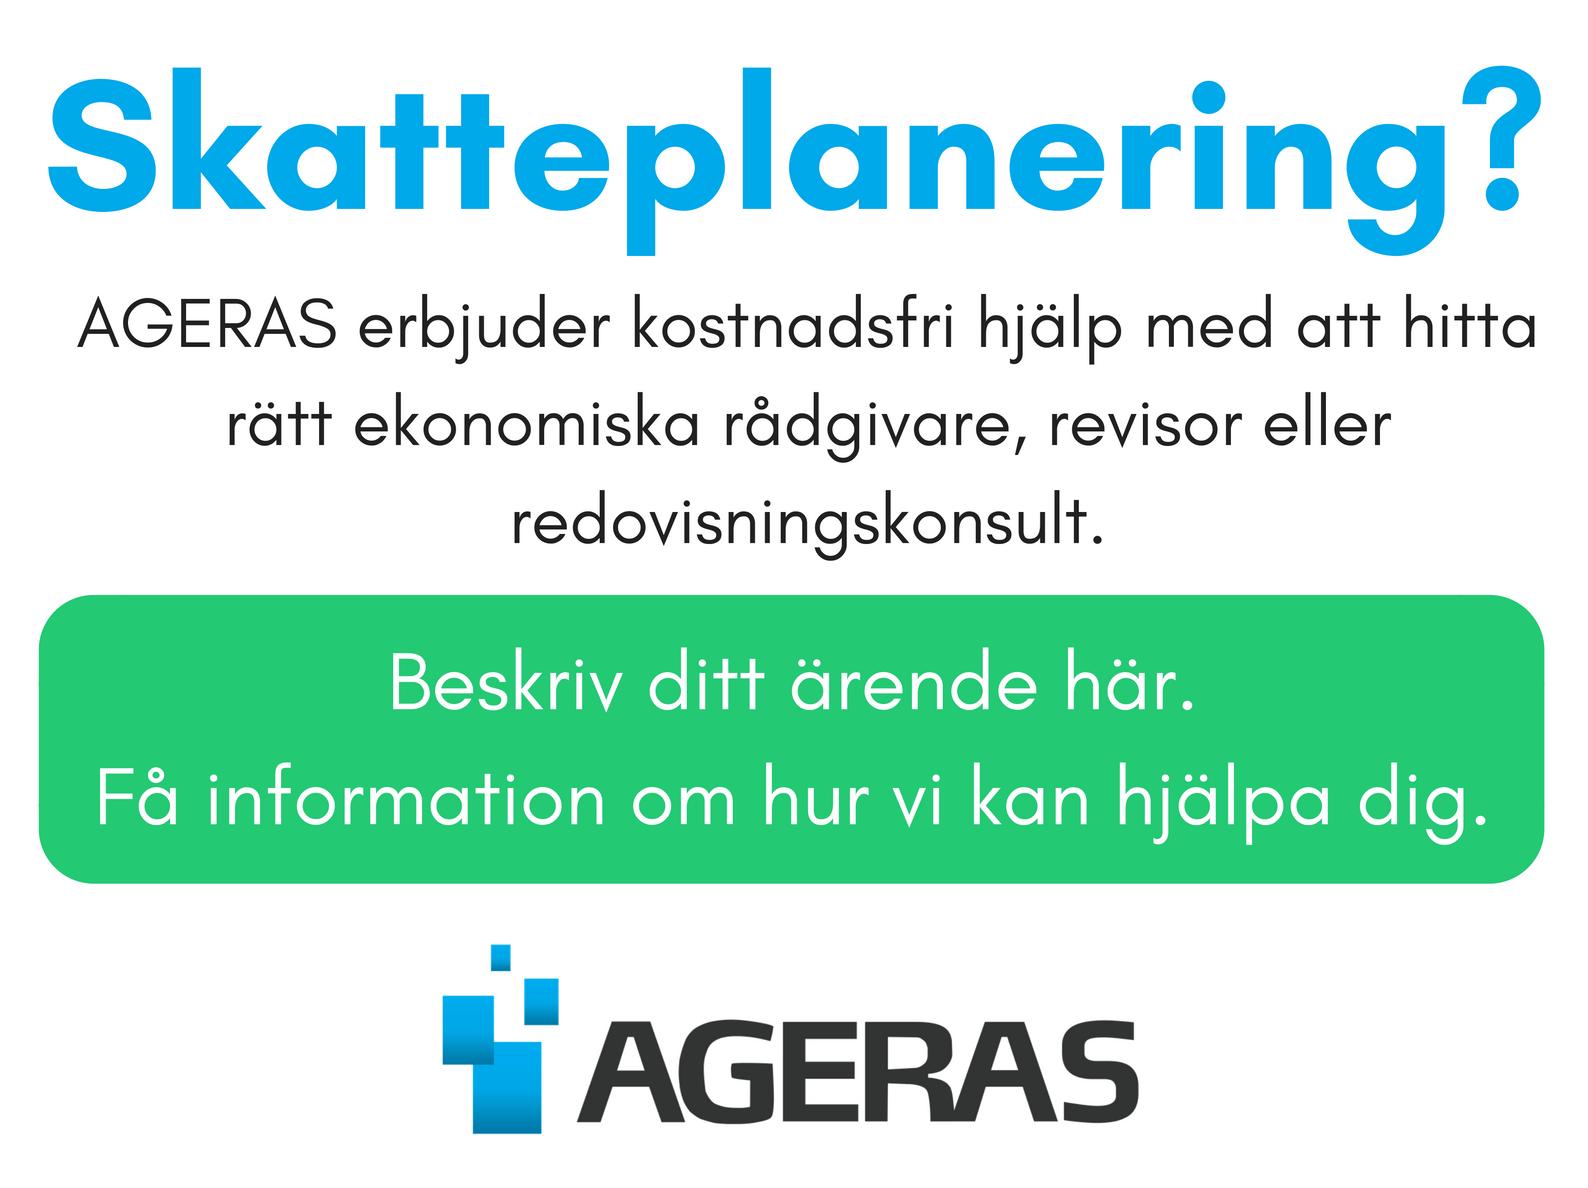 Guide  Utdelning fåmansbolag - Skatt och redovisning för utdelning i ... 082d8f3da92fb